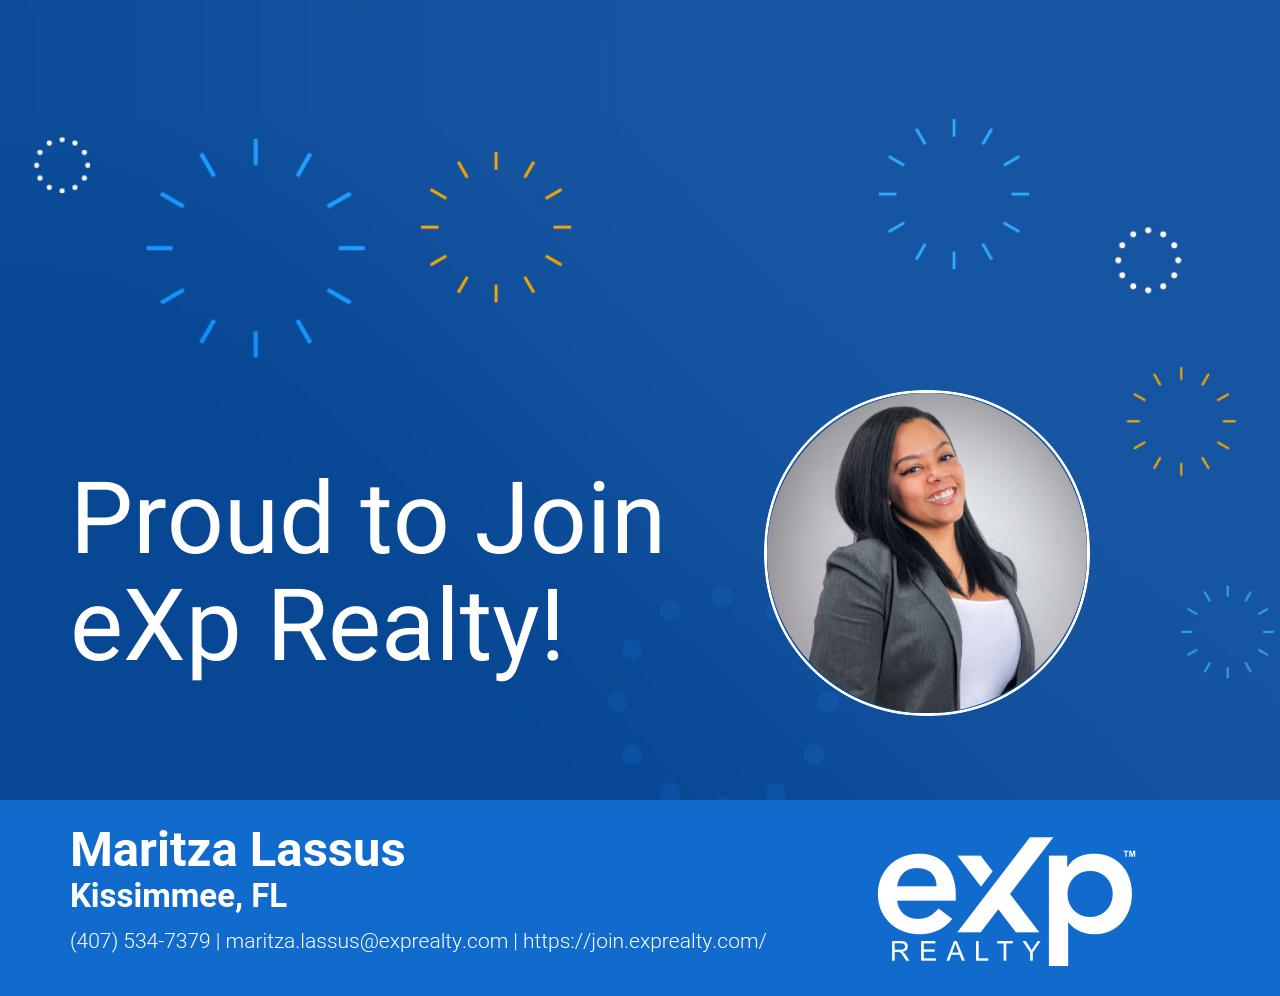 Maritza Lassus Joined eXp Realty!